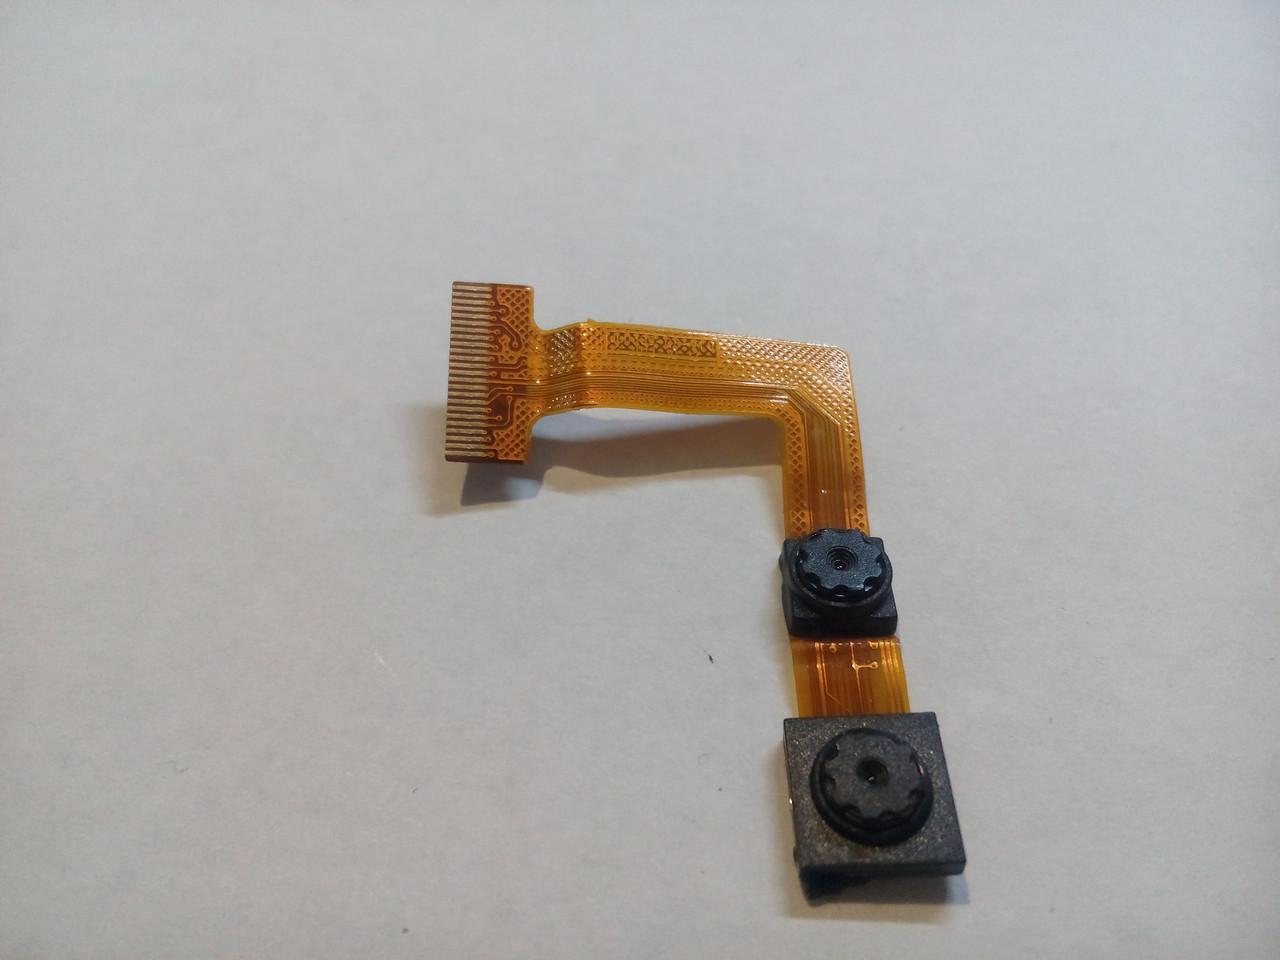 Камера для планшета двойная 24 pin JL0309-Q8-V1.0